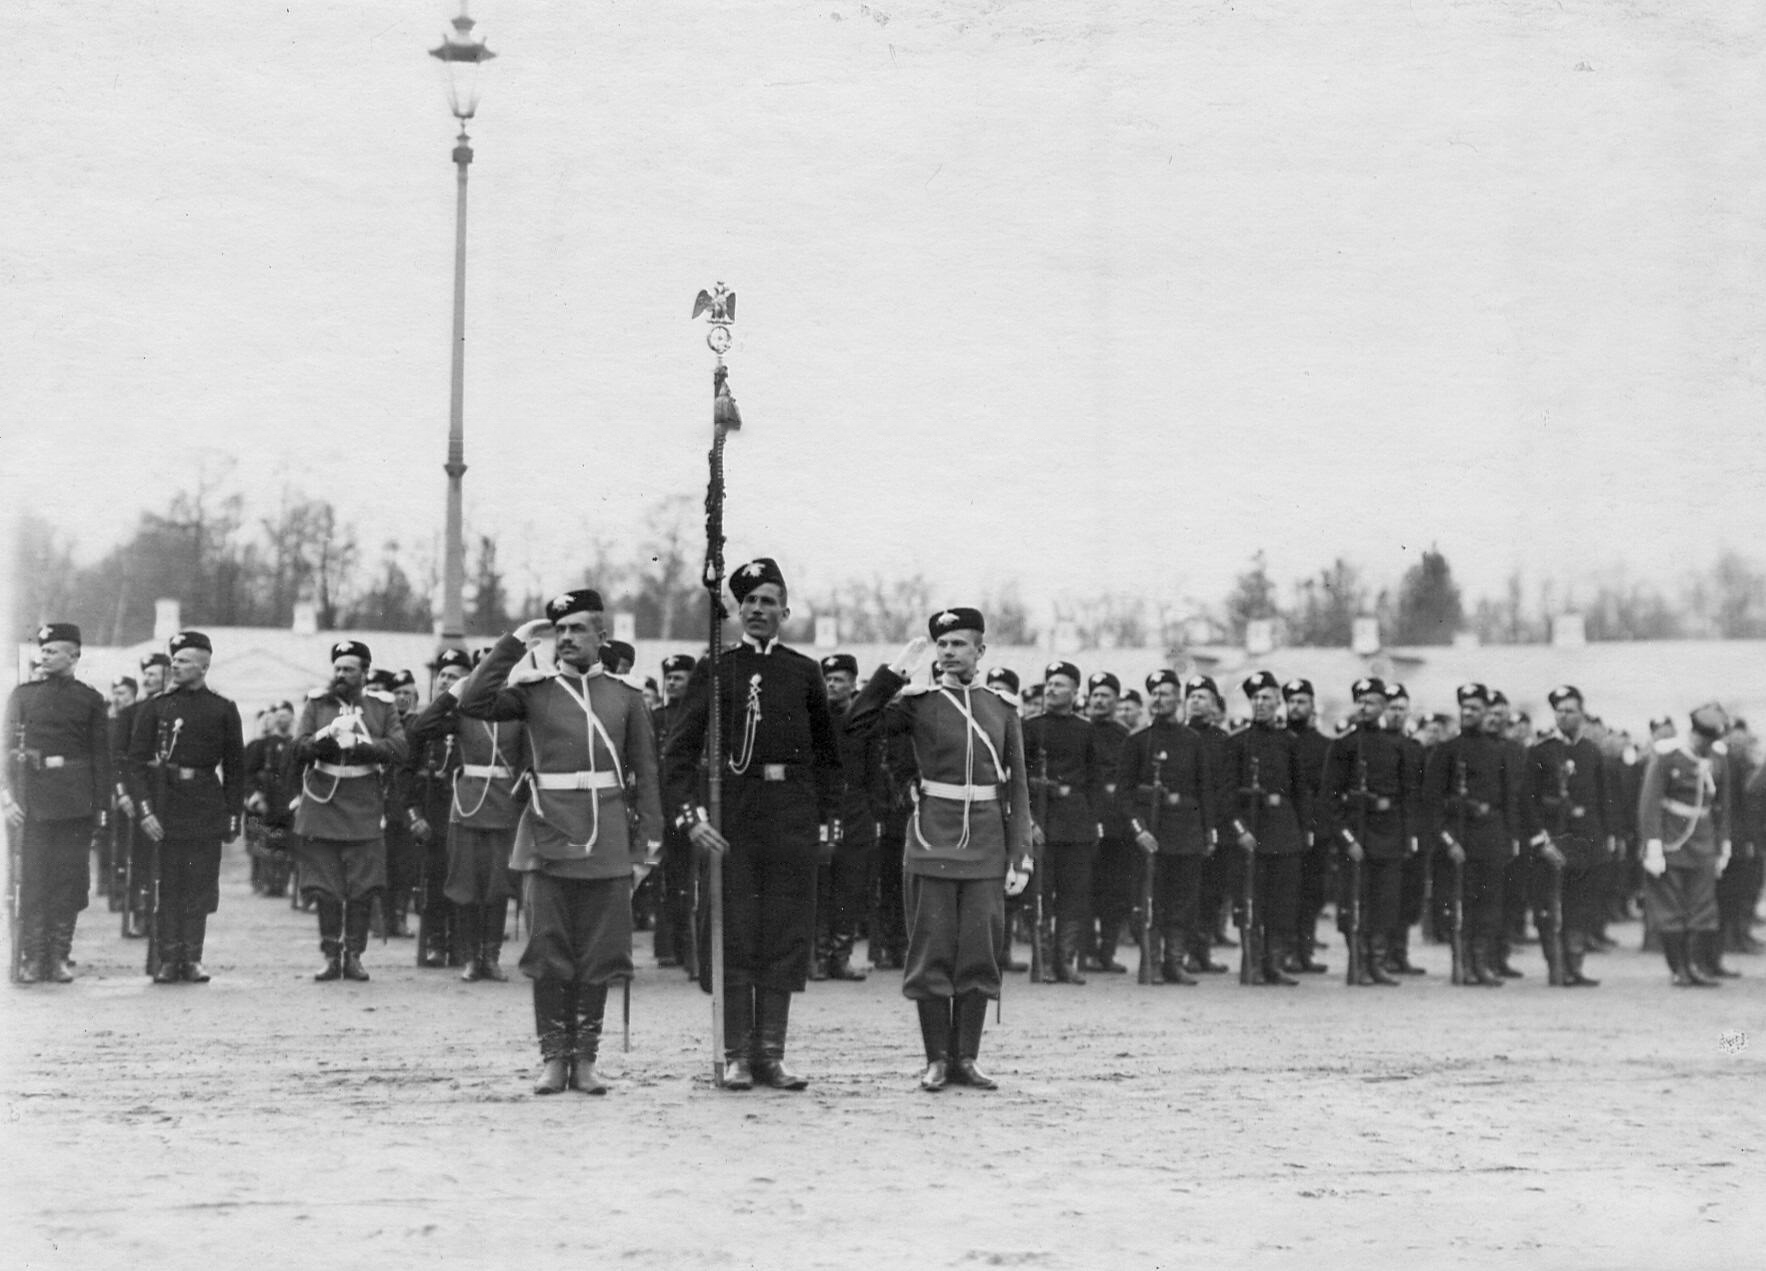 Парадное построение лейб-гвардии 2-го Царскосельского стрелкового батальона. 21 апреля 1905